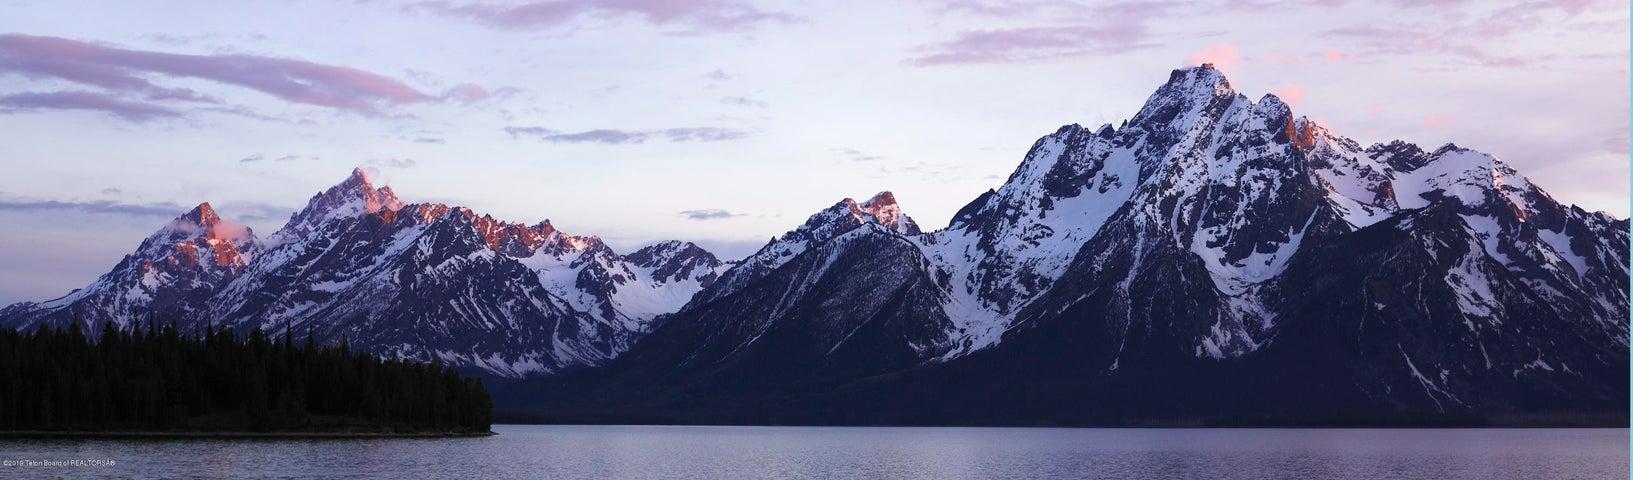 teton range with lake